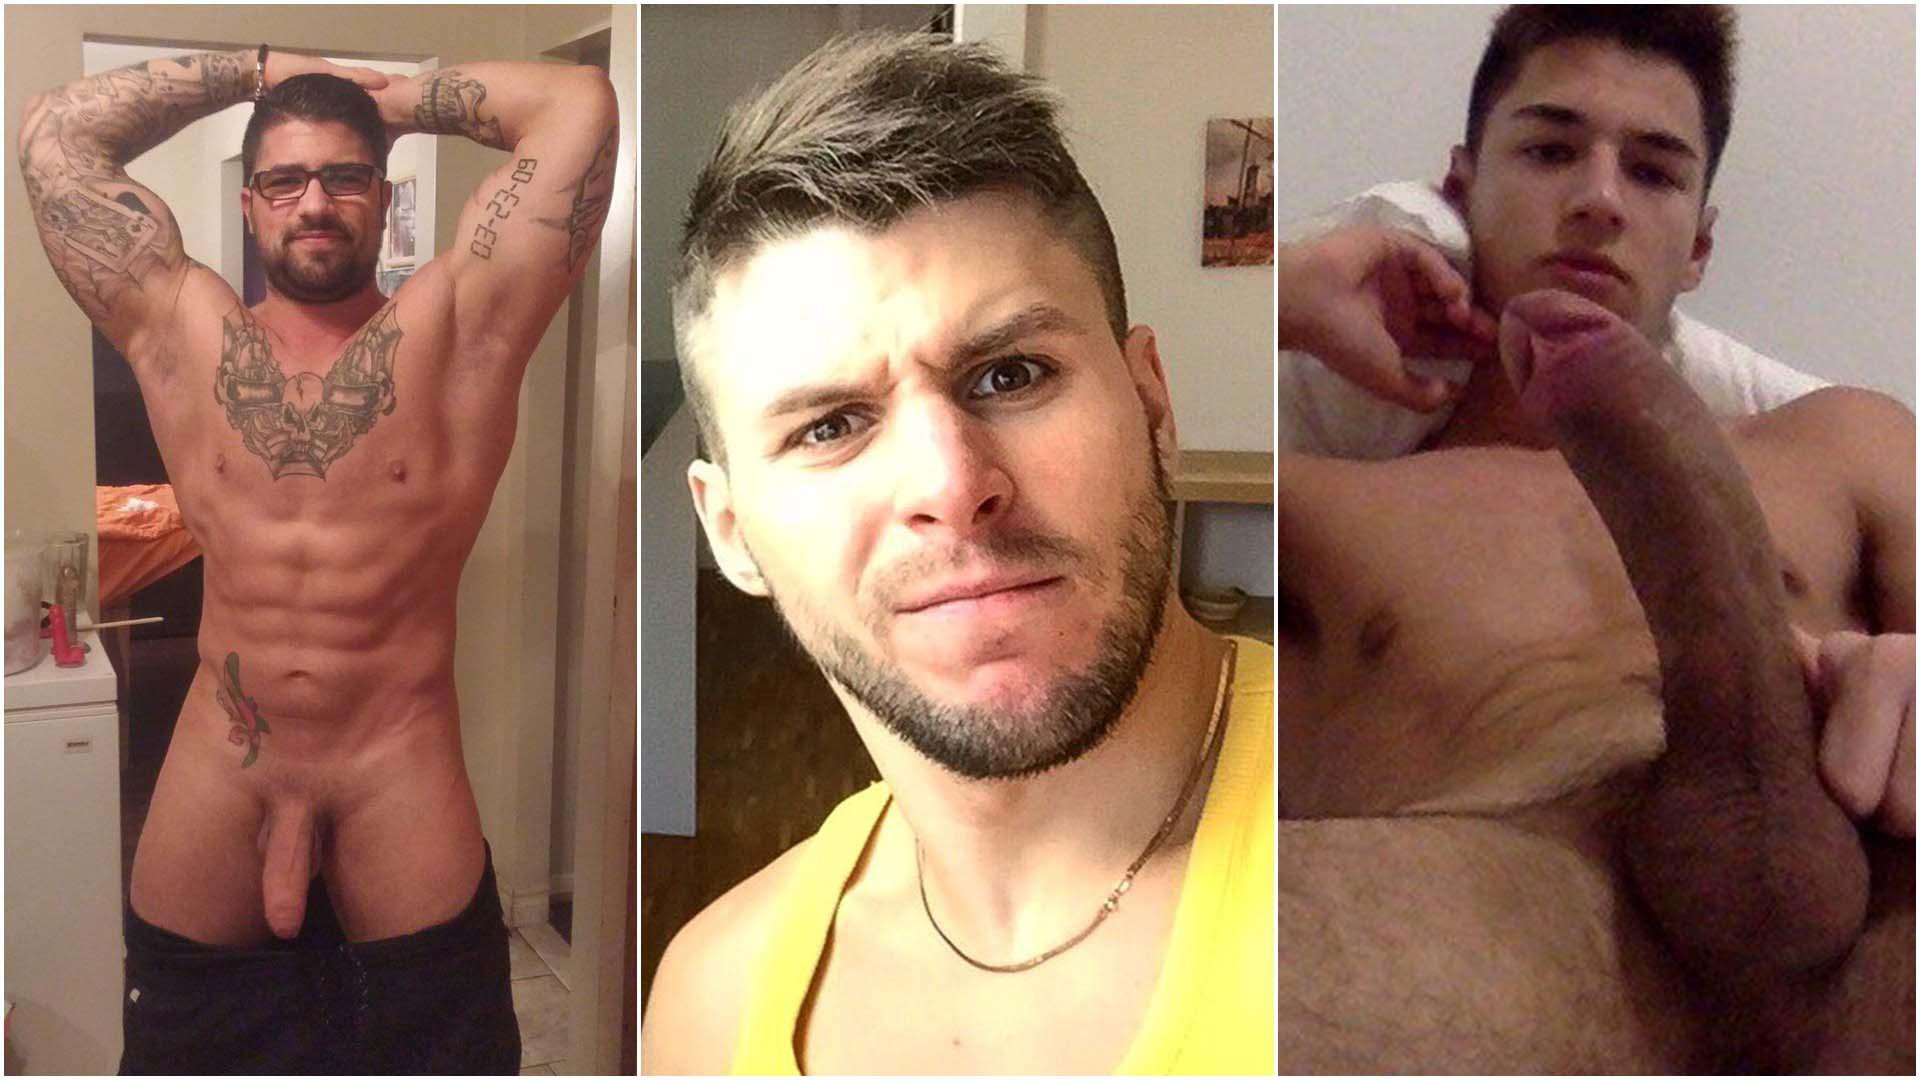 Photo of Gay Porn NOW The Men That I Love | Ryan Bones se mide la polla, una putita para Geo Dovek, Viktor Rom en China, chavalitos a pajas y la lefa siempre va al ojo